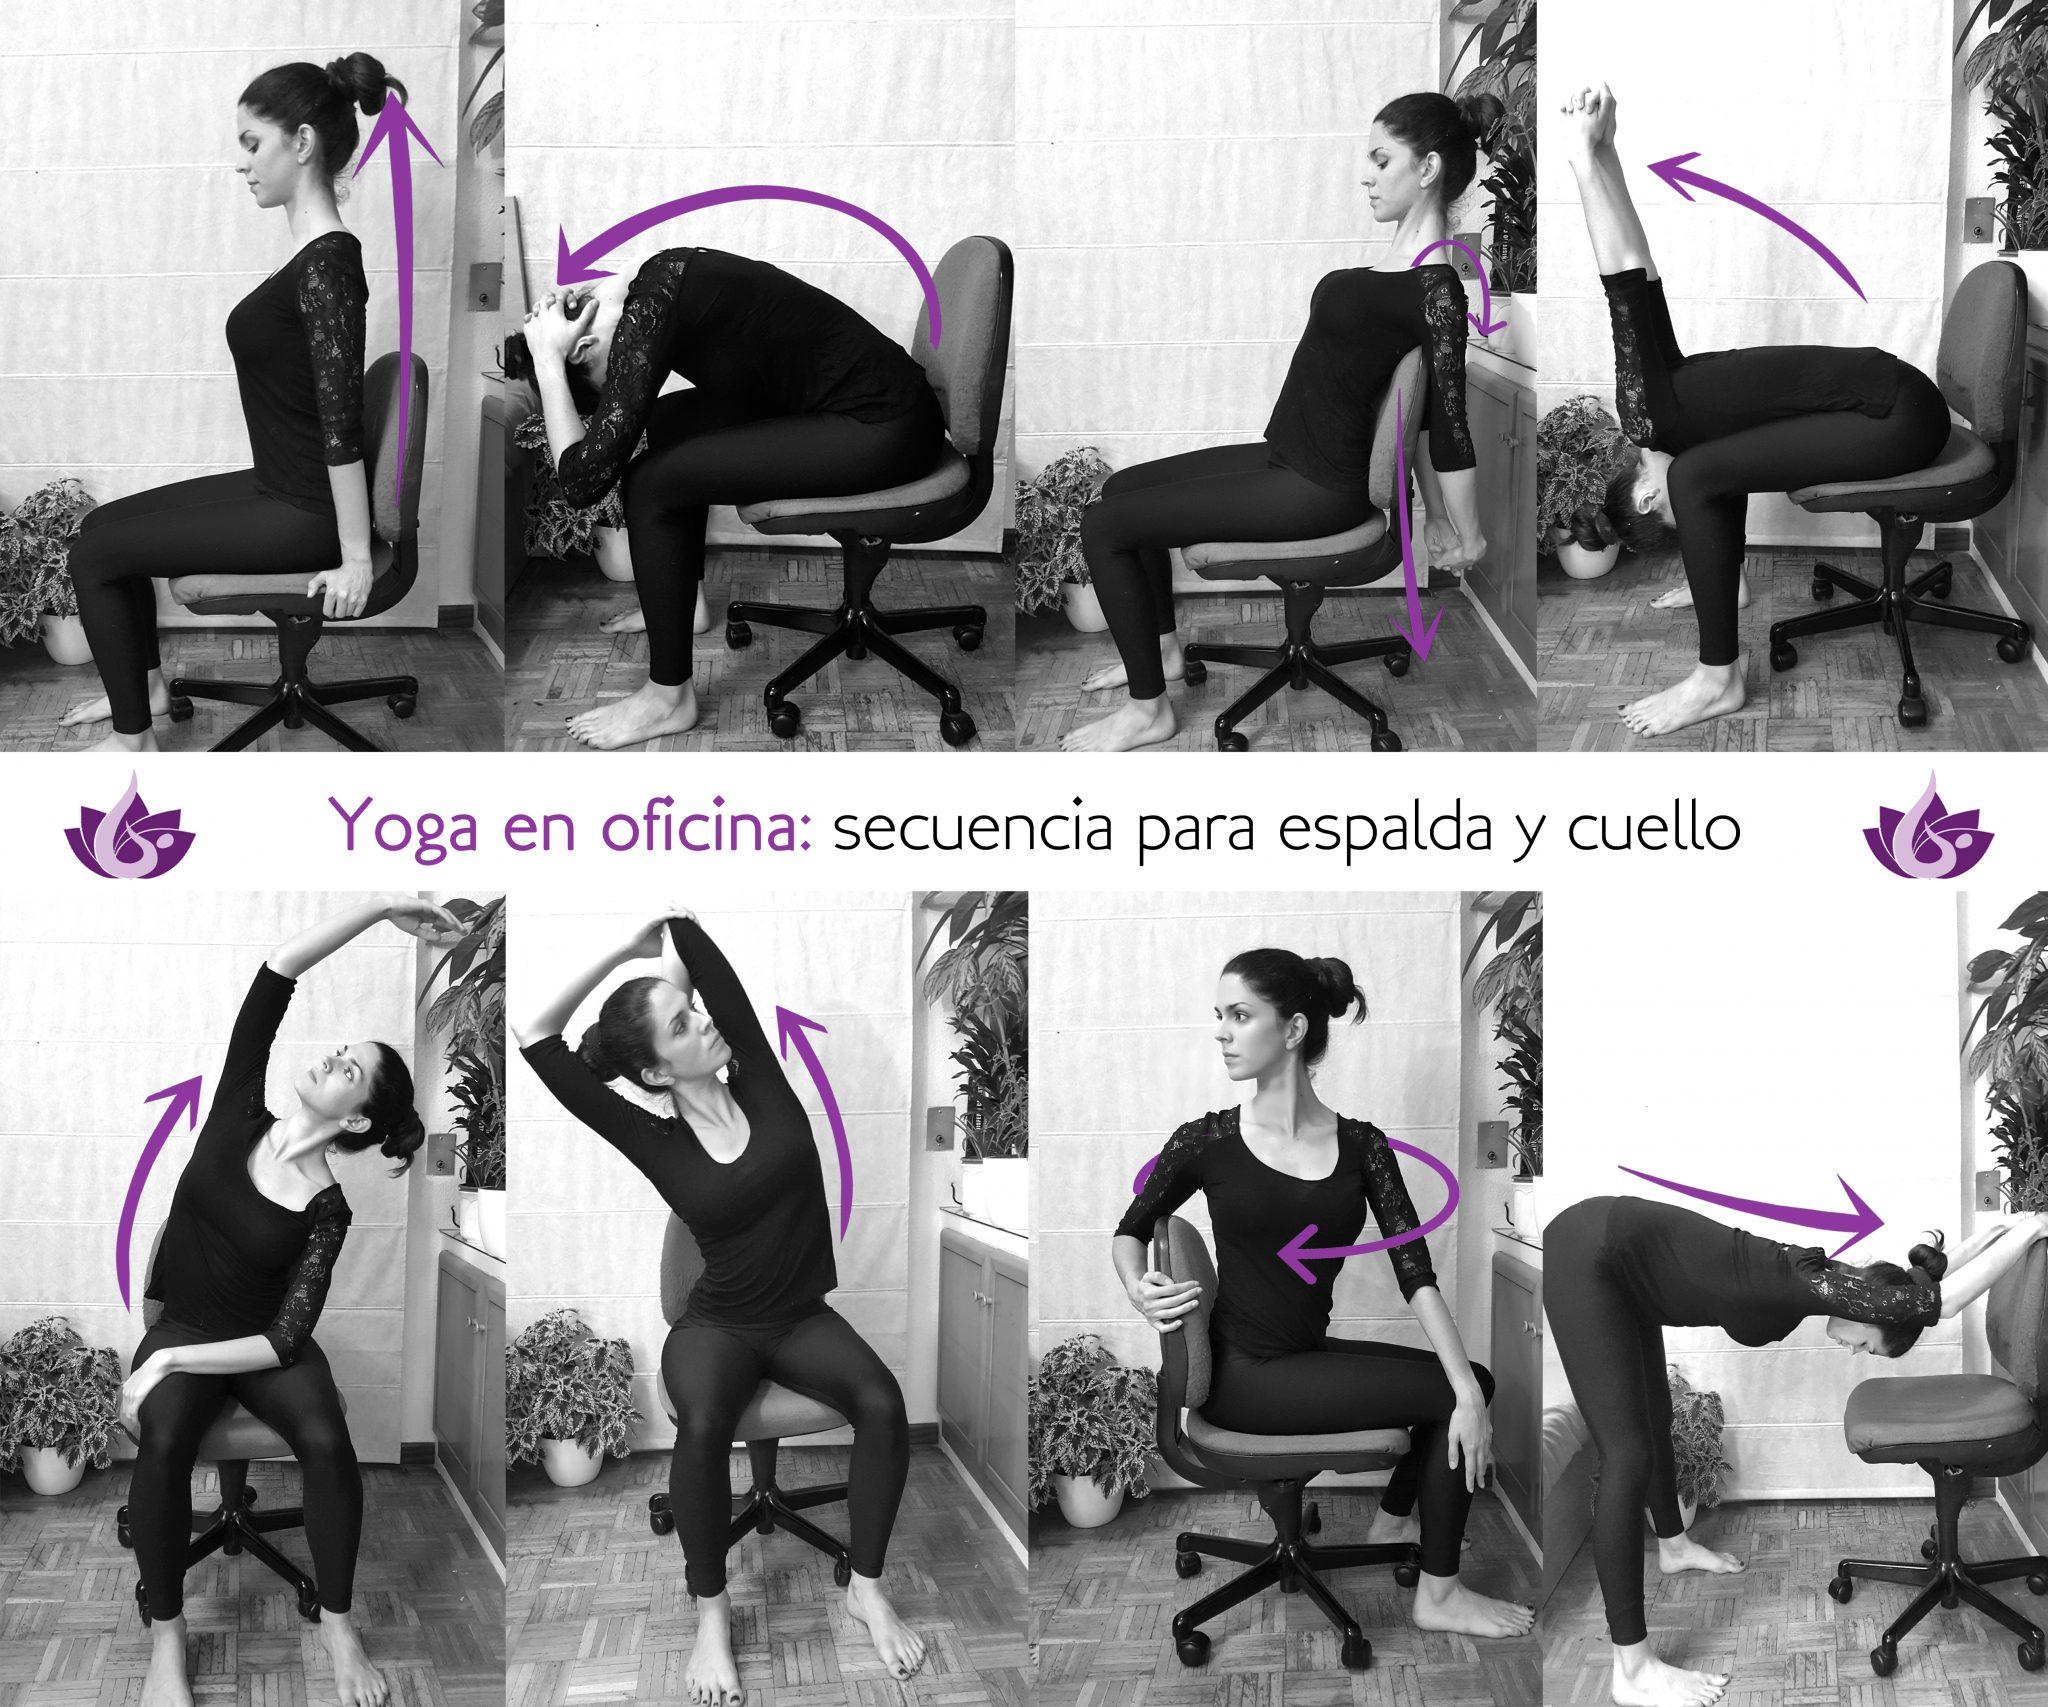 secuencia yoga en oficina para estirar espalda